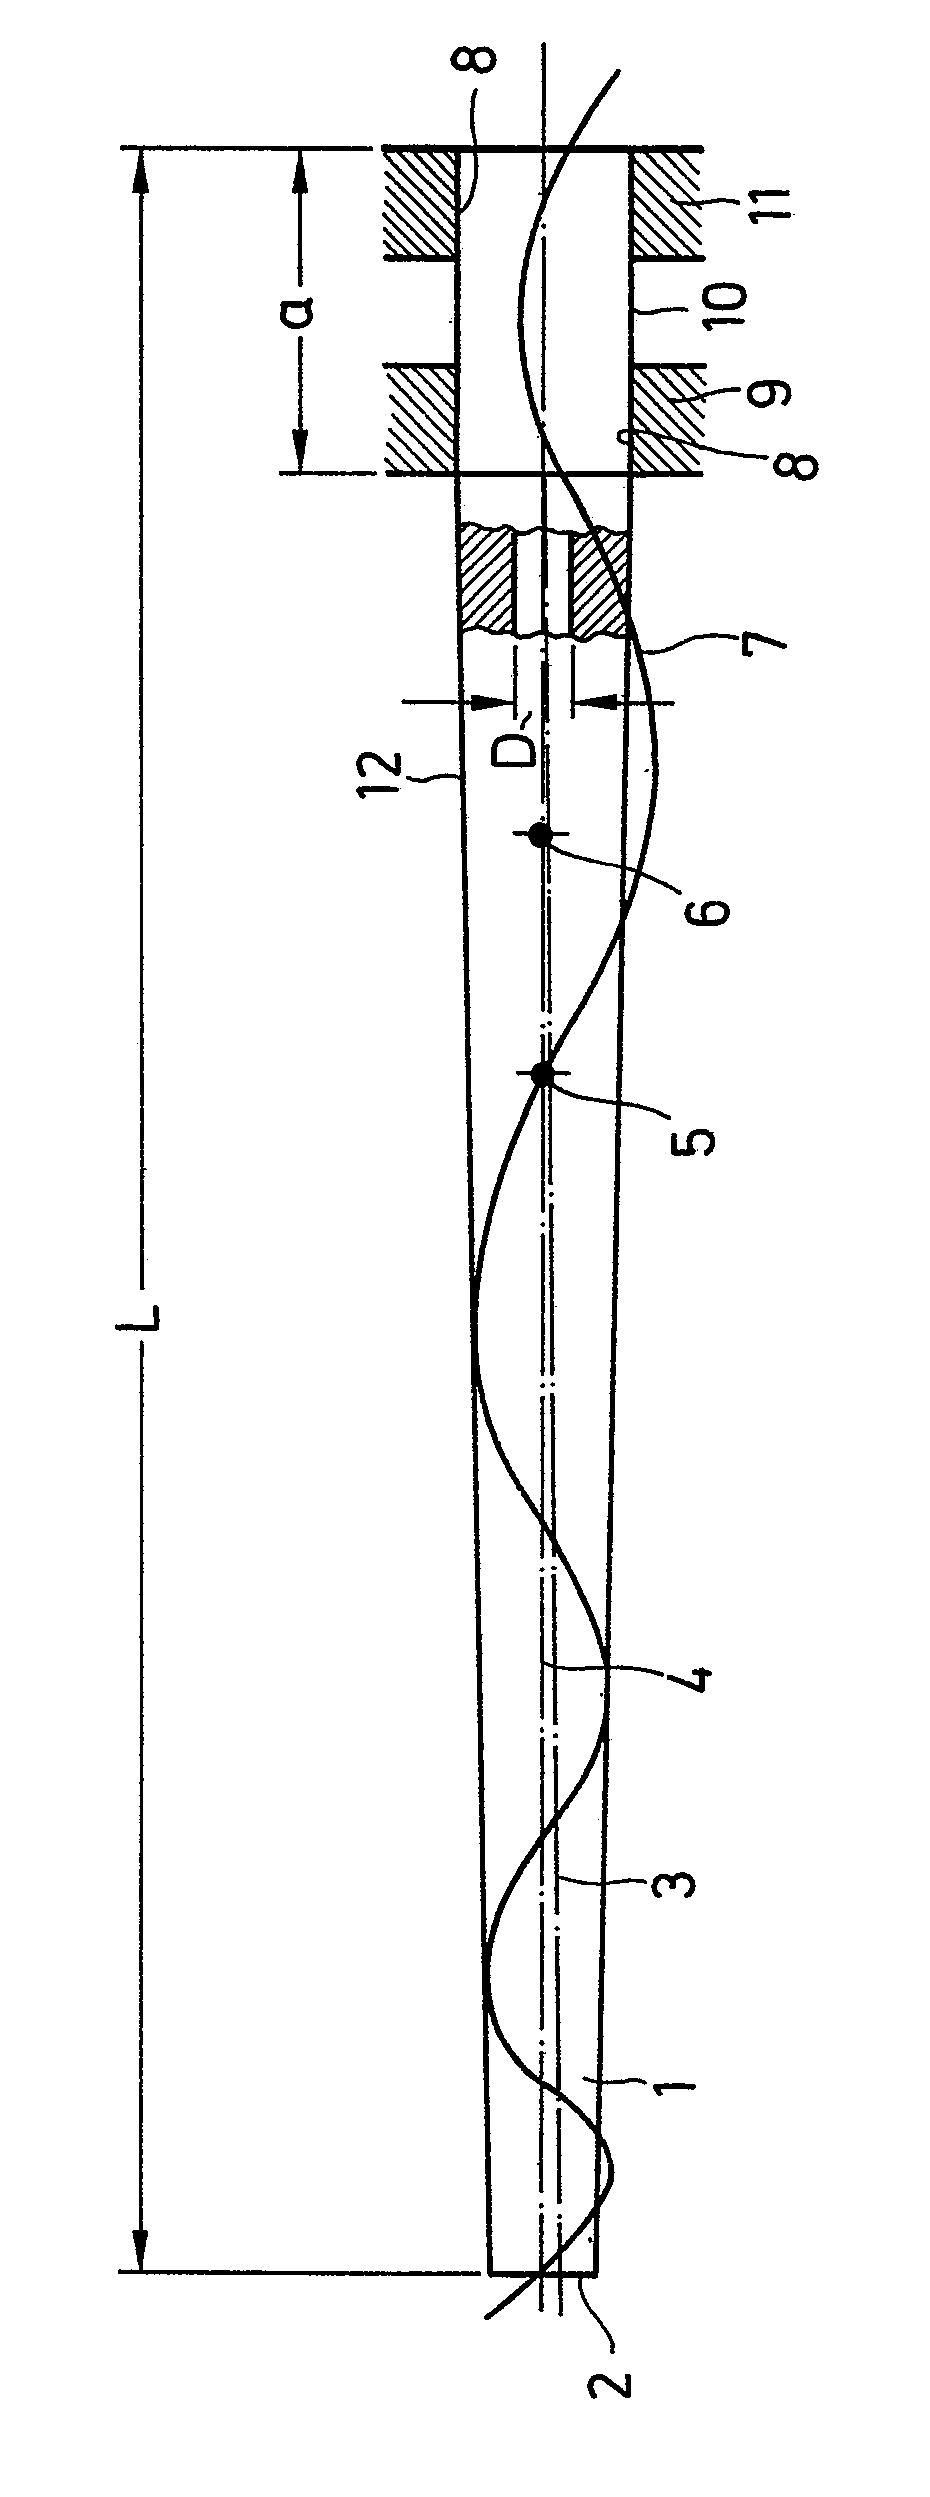 电路 电路图 电子 原理图 930_2497 竖版 竖屏